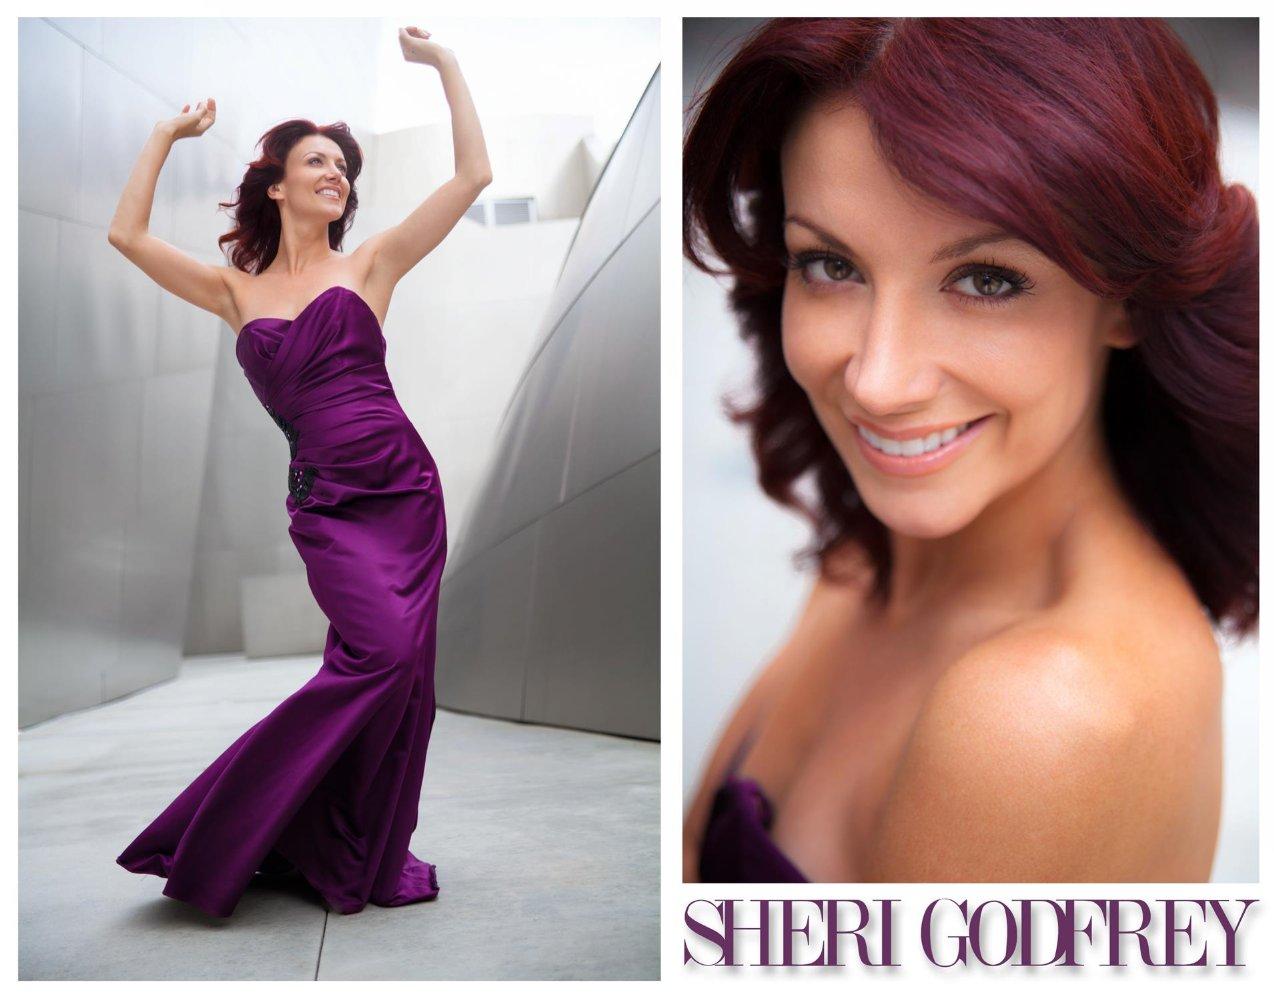 Sheri Godfrey